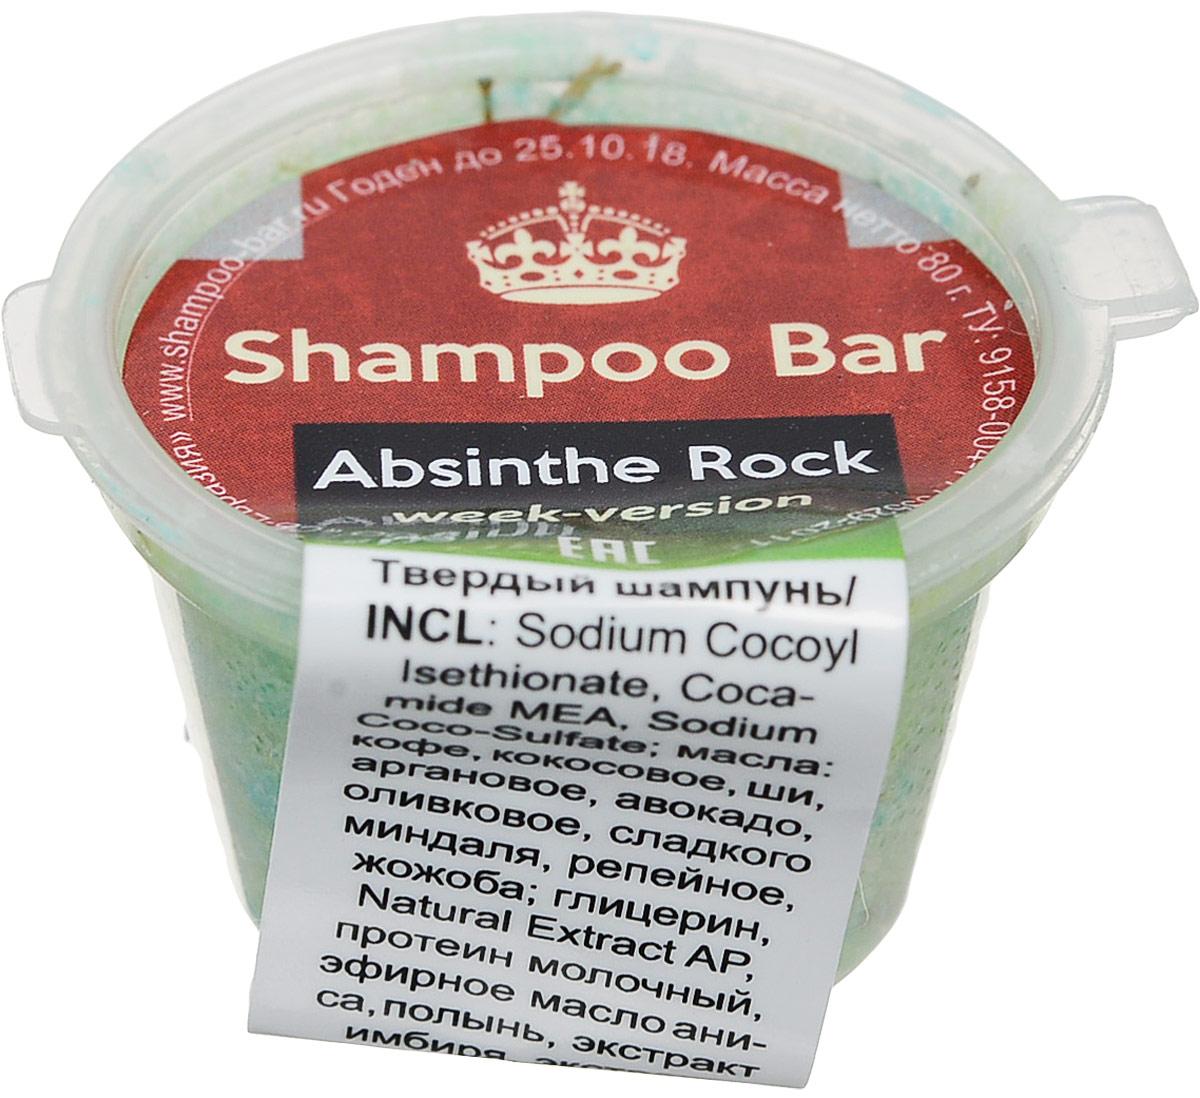 Shampoo Bar Твердый шампунь для длительной чистоты 6в1 Absinthe Rock, с полынью и анисом, женский, 11 грSBW ARWТвердый шампунь Shampoo Bar Absinthe Rock с полынью и анисовым маслом для длительной чистоты ваших волос, в оригинальной упаковке от самого рок-н-рольного дизайнера.